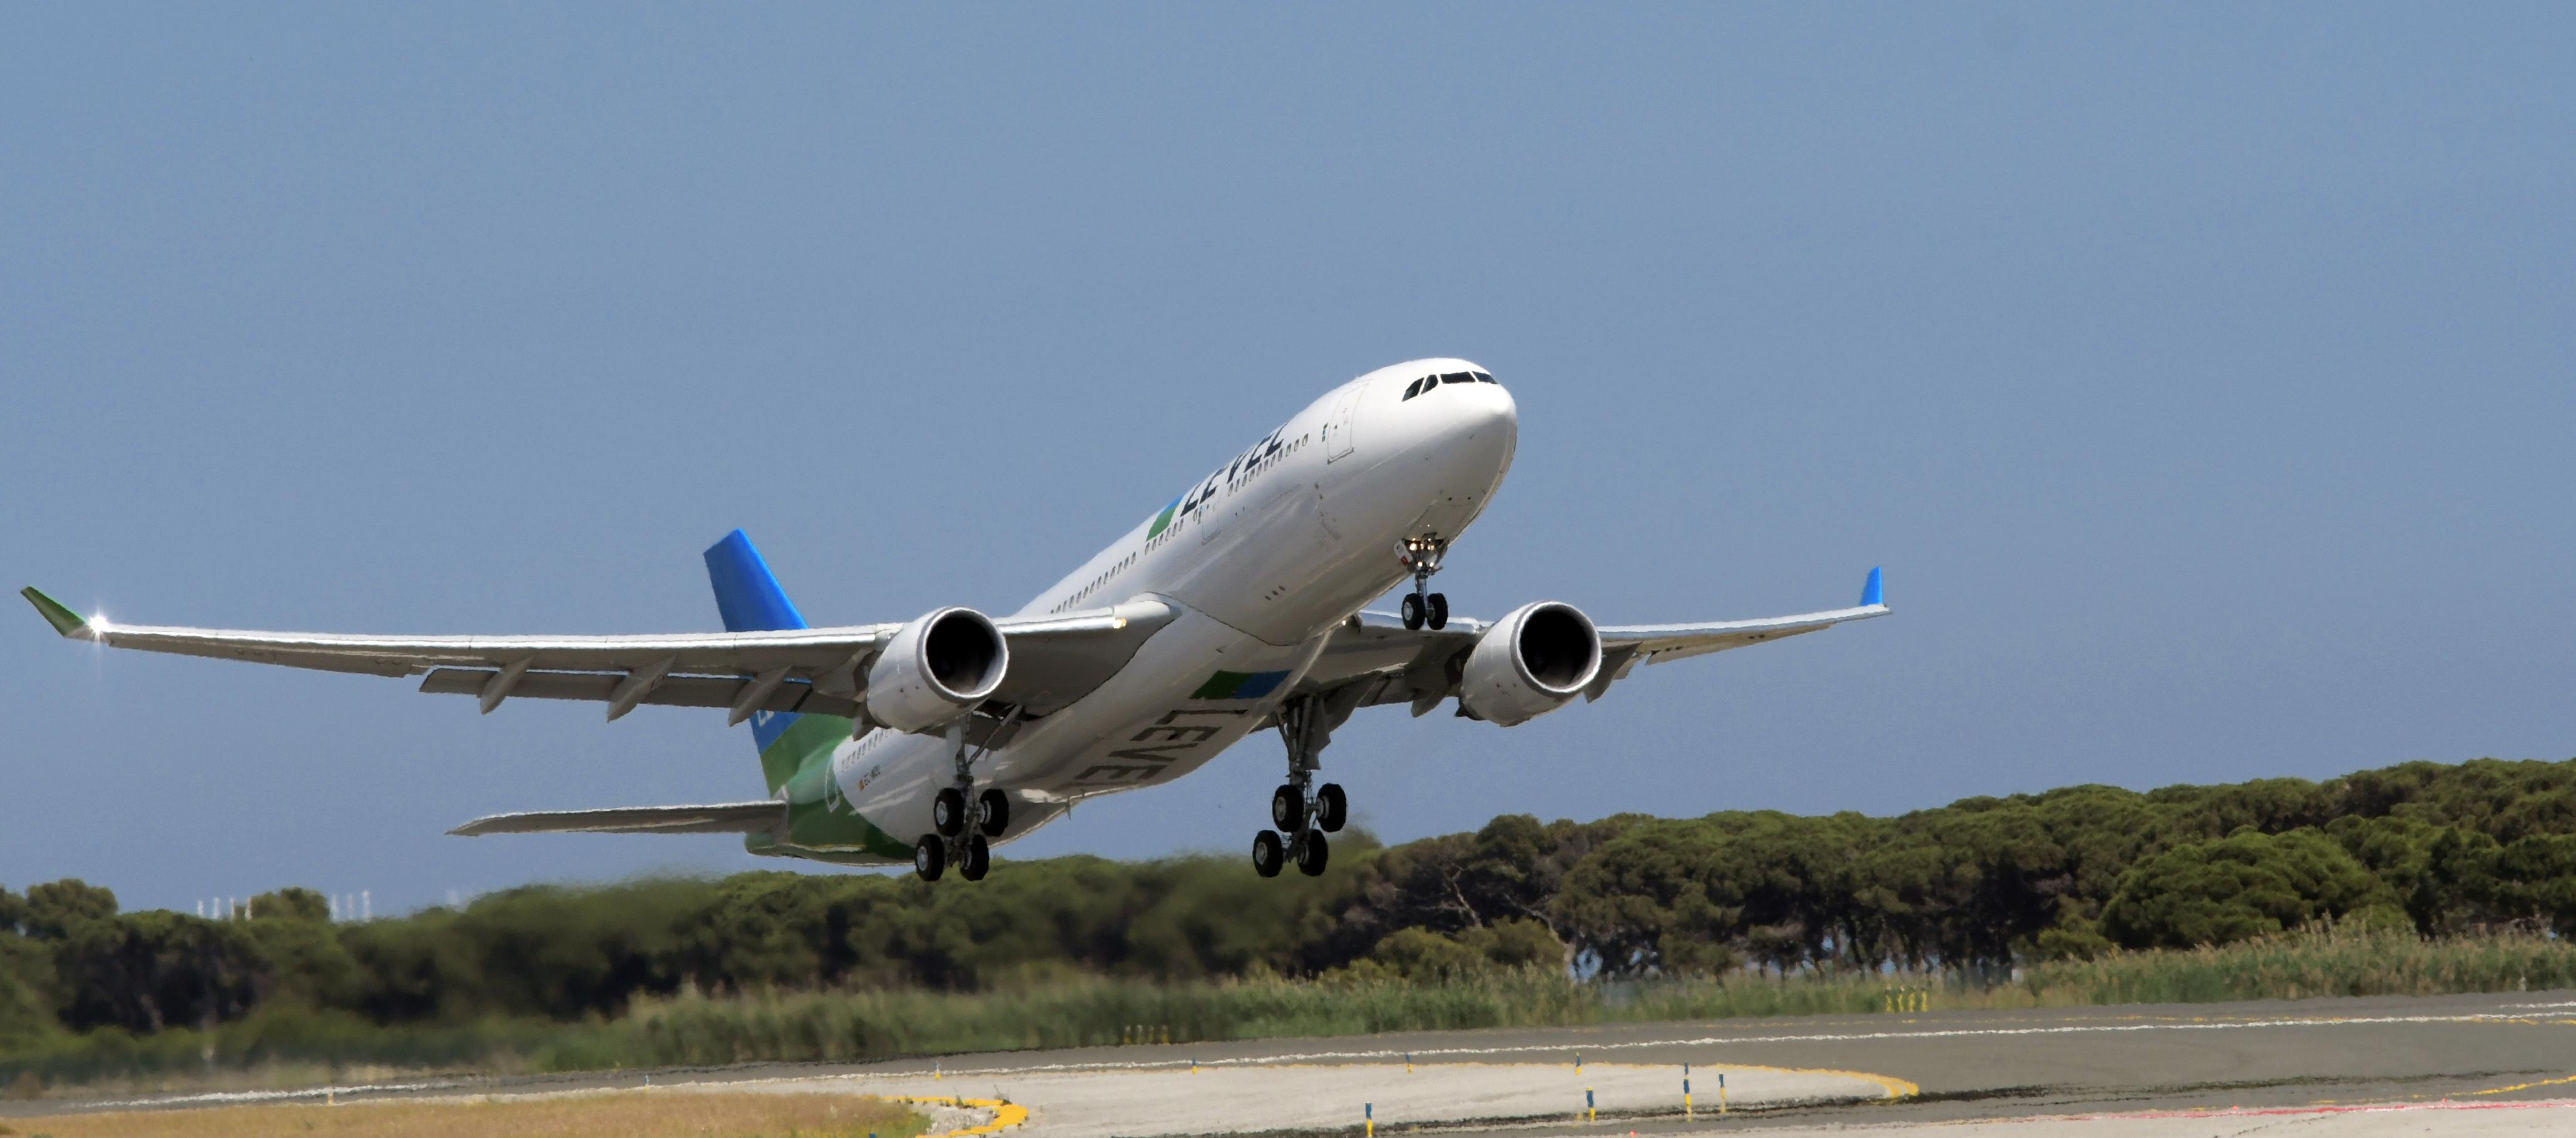 En Airbus A330-200 fra IAG's lavprisflyselskab LEVEL. Foto: LEVEL